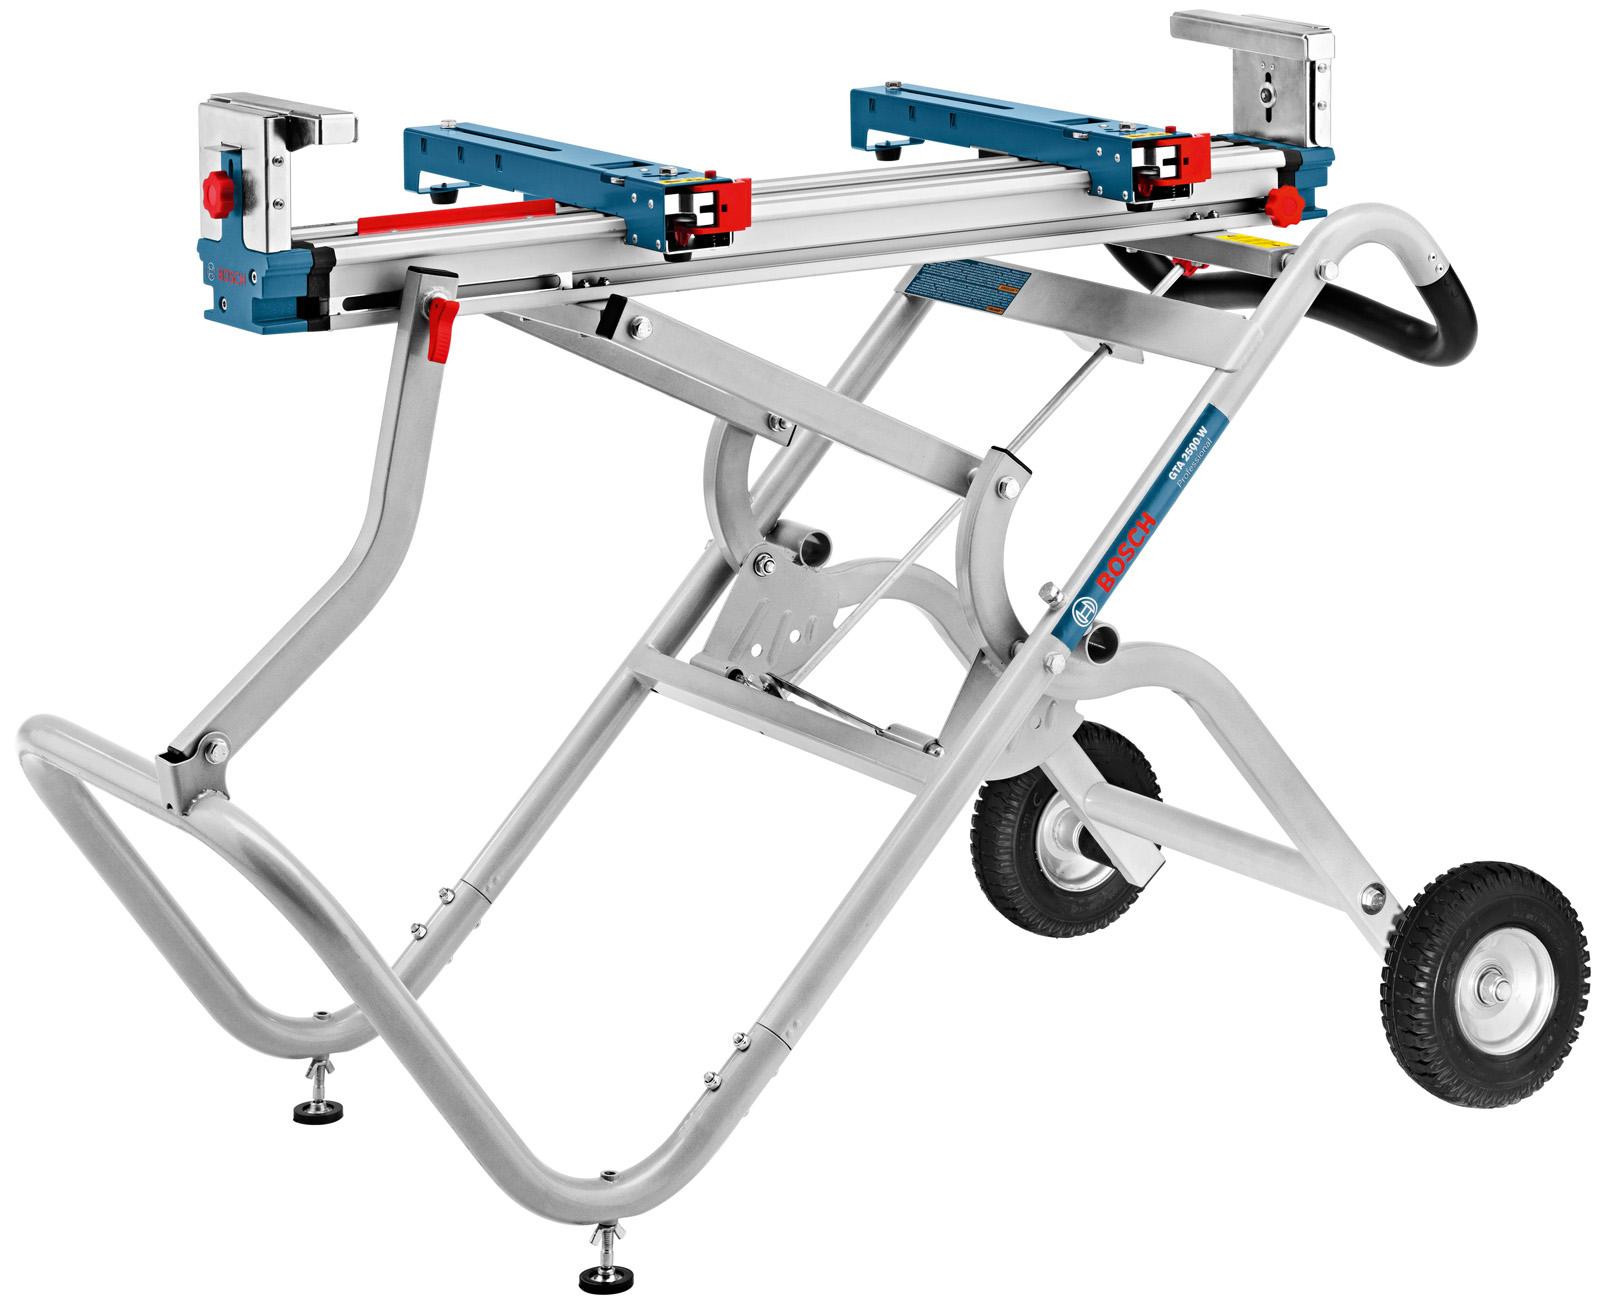 Стол для торцовочной пилы складной, передвижной Bosch Gta 2500 w  (0.601.b12.100) верстак bosch pta 1000 0 603 b05 100